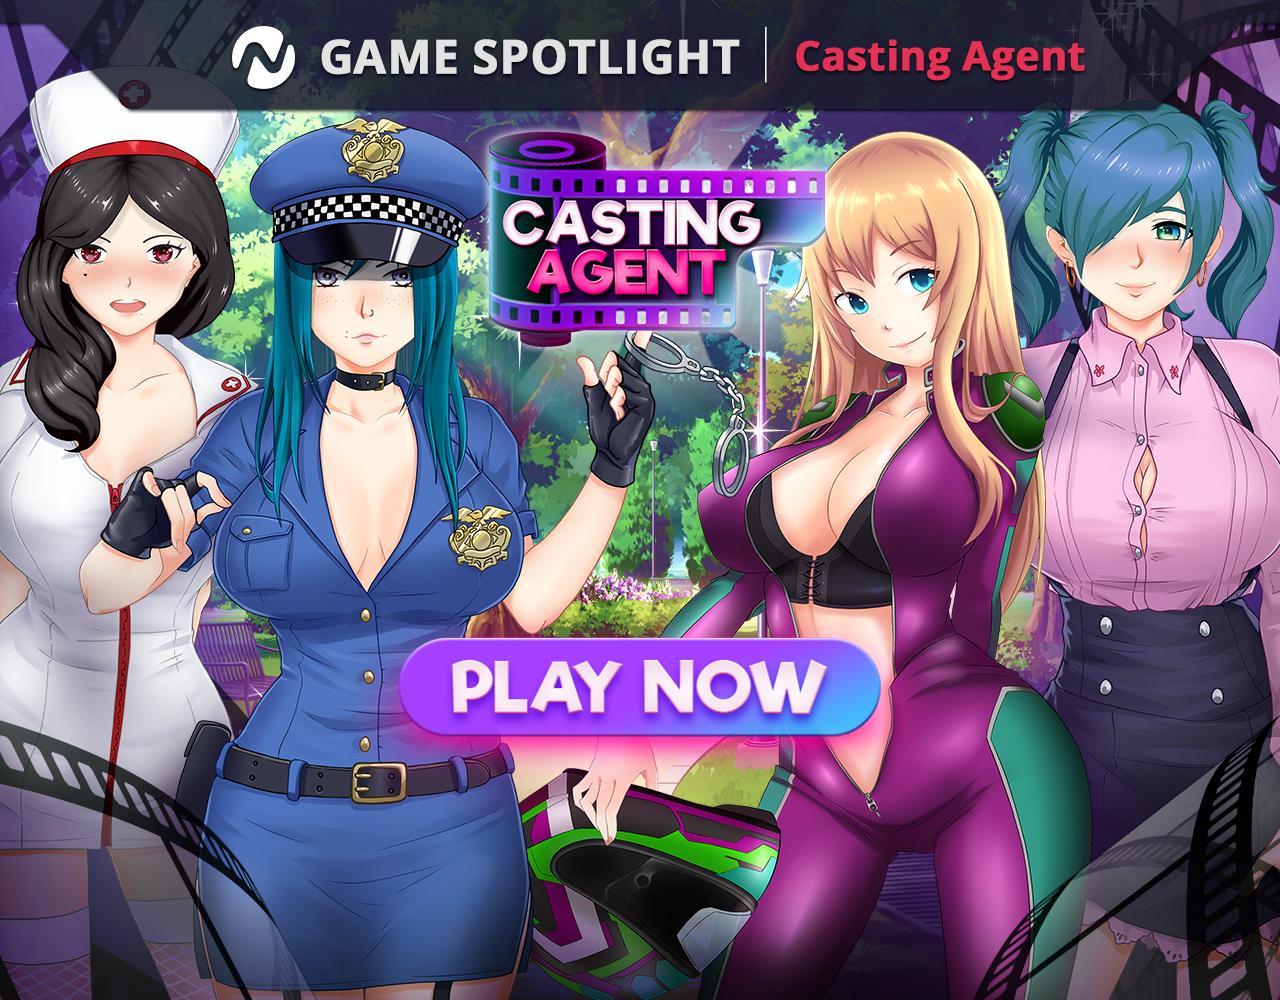 Casting Agent spotlight